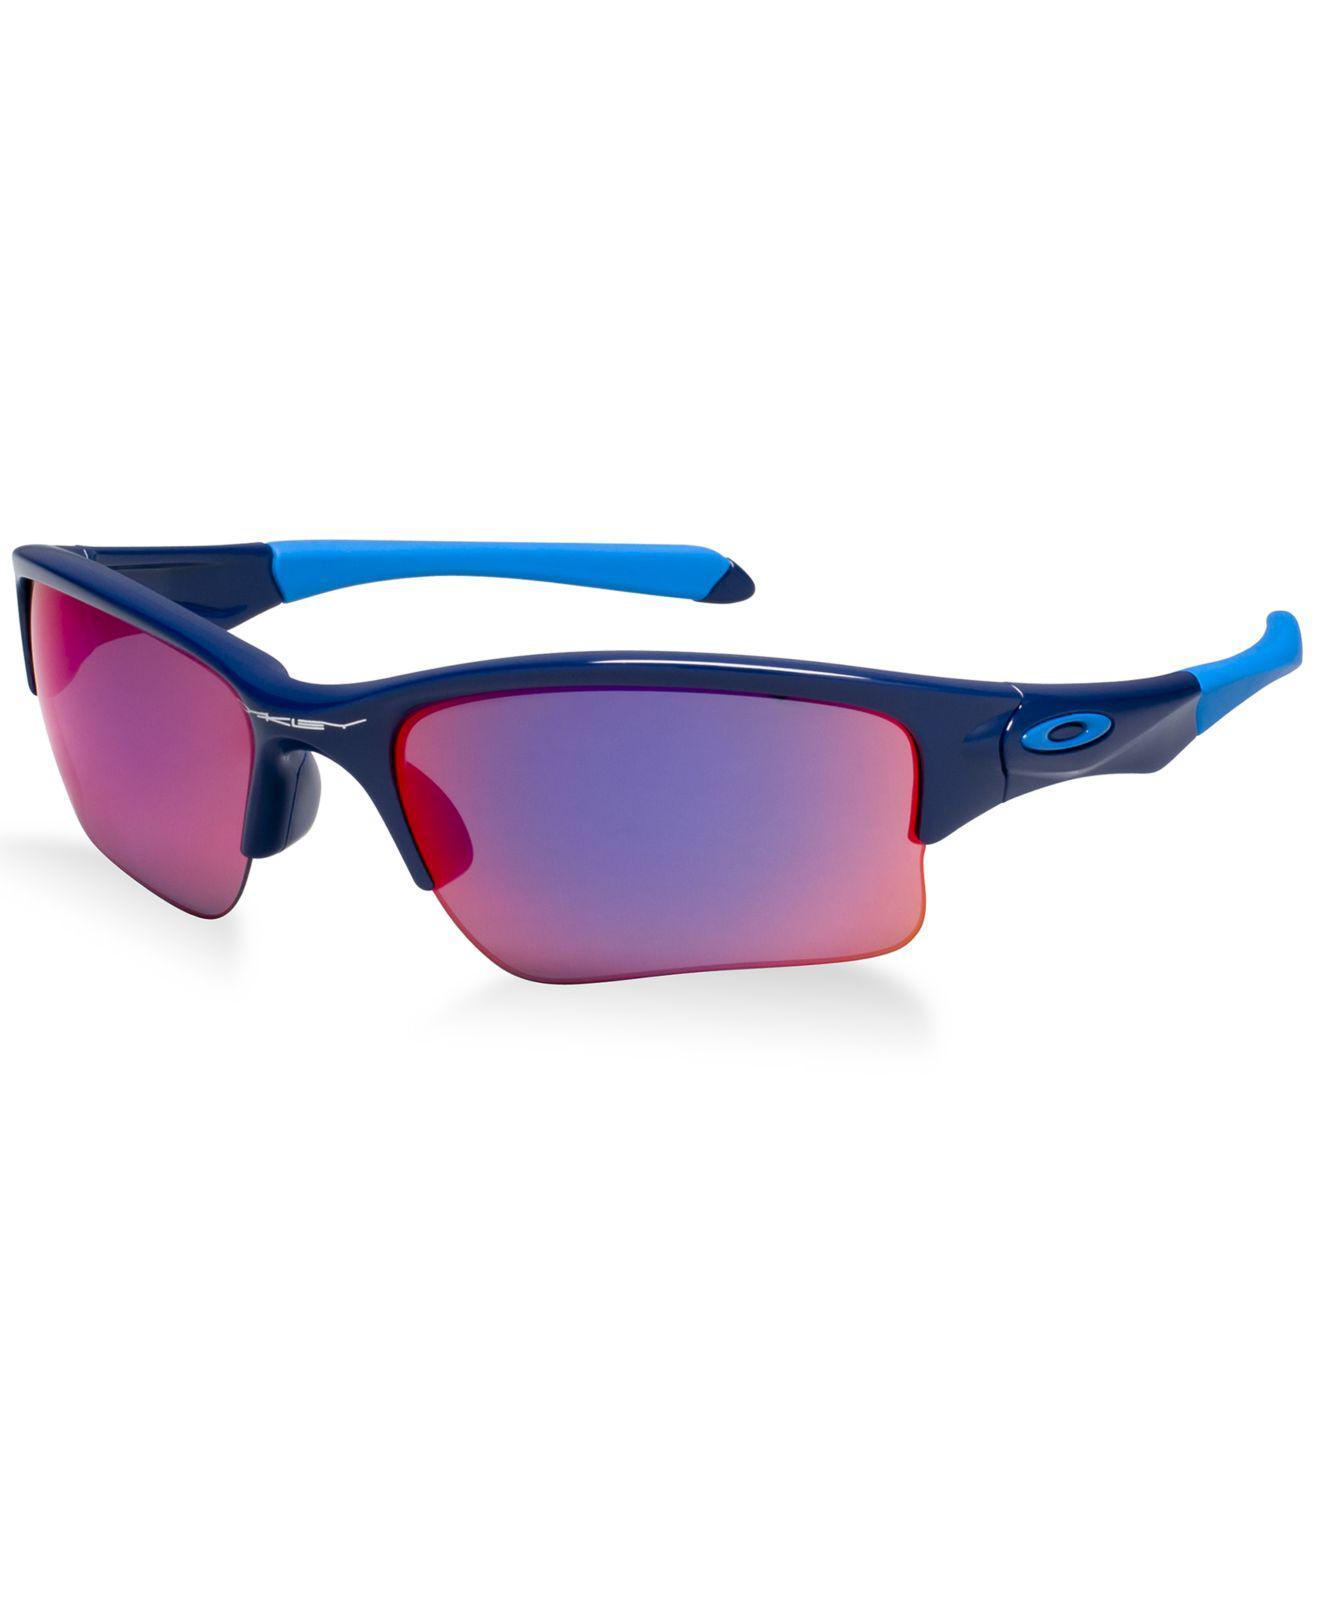 064749e348b Lyst - Oakley Sunglasses